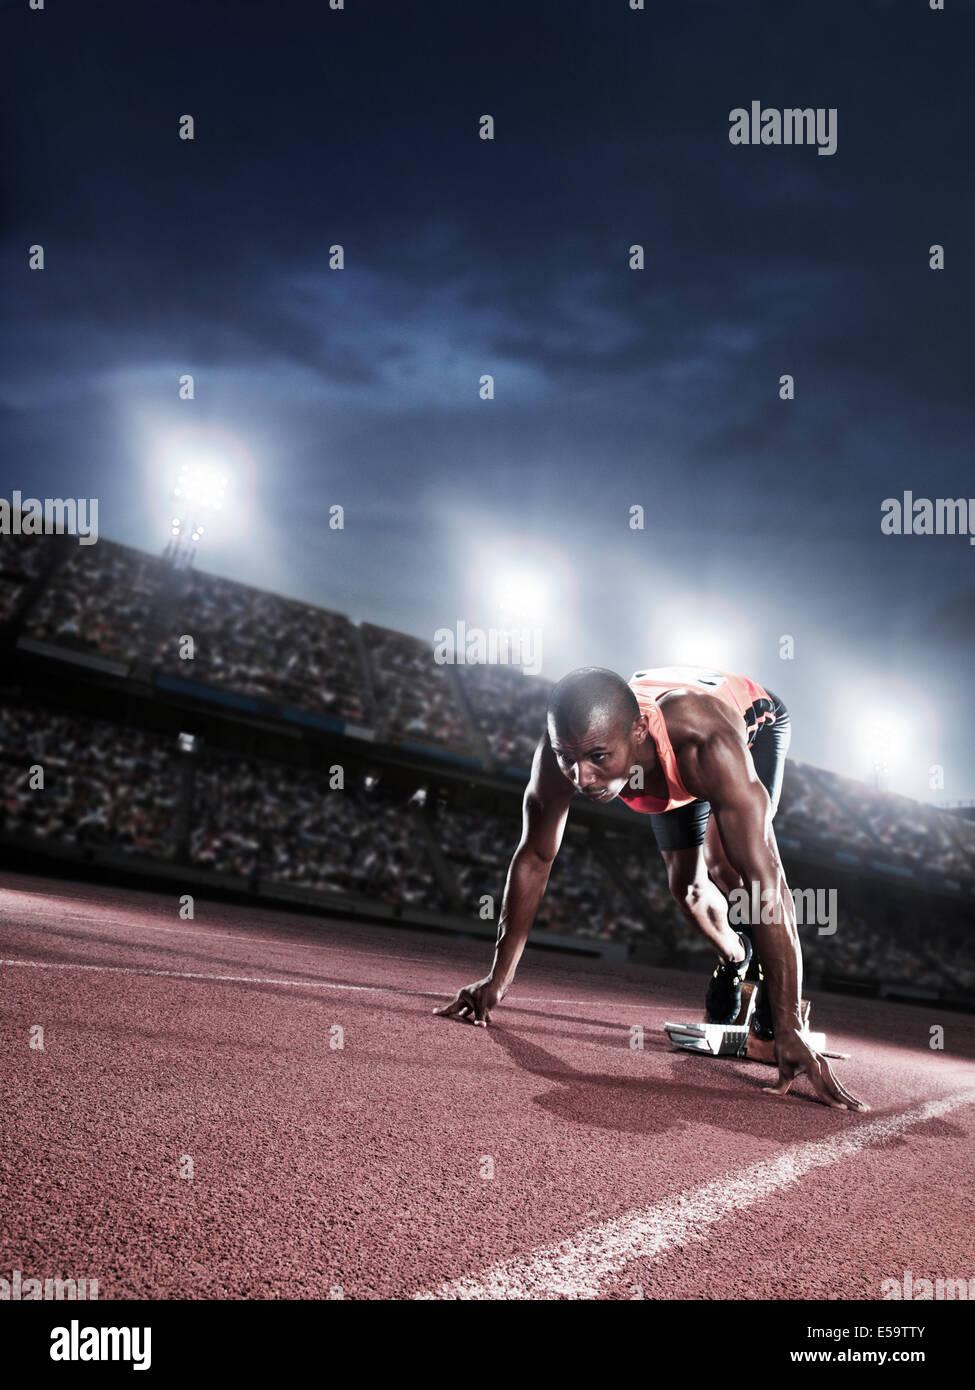 Runner preparada en el inicio de la línea en la vía Imagen De Stock